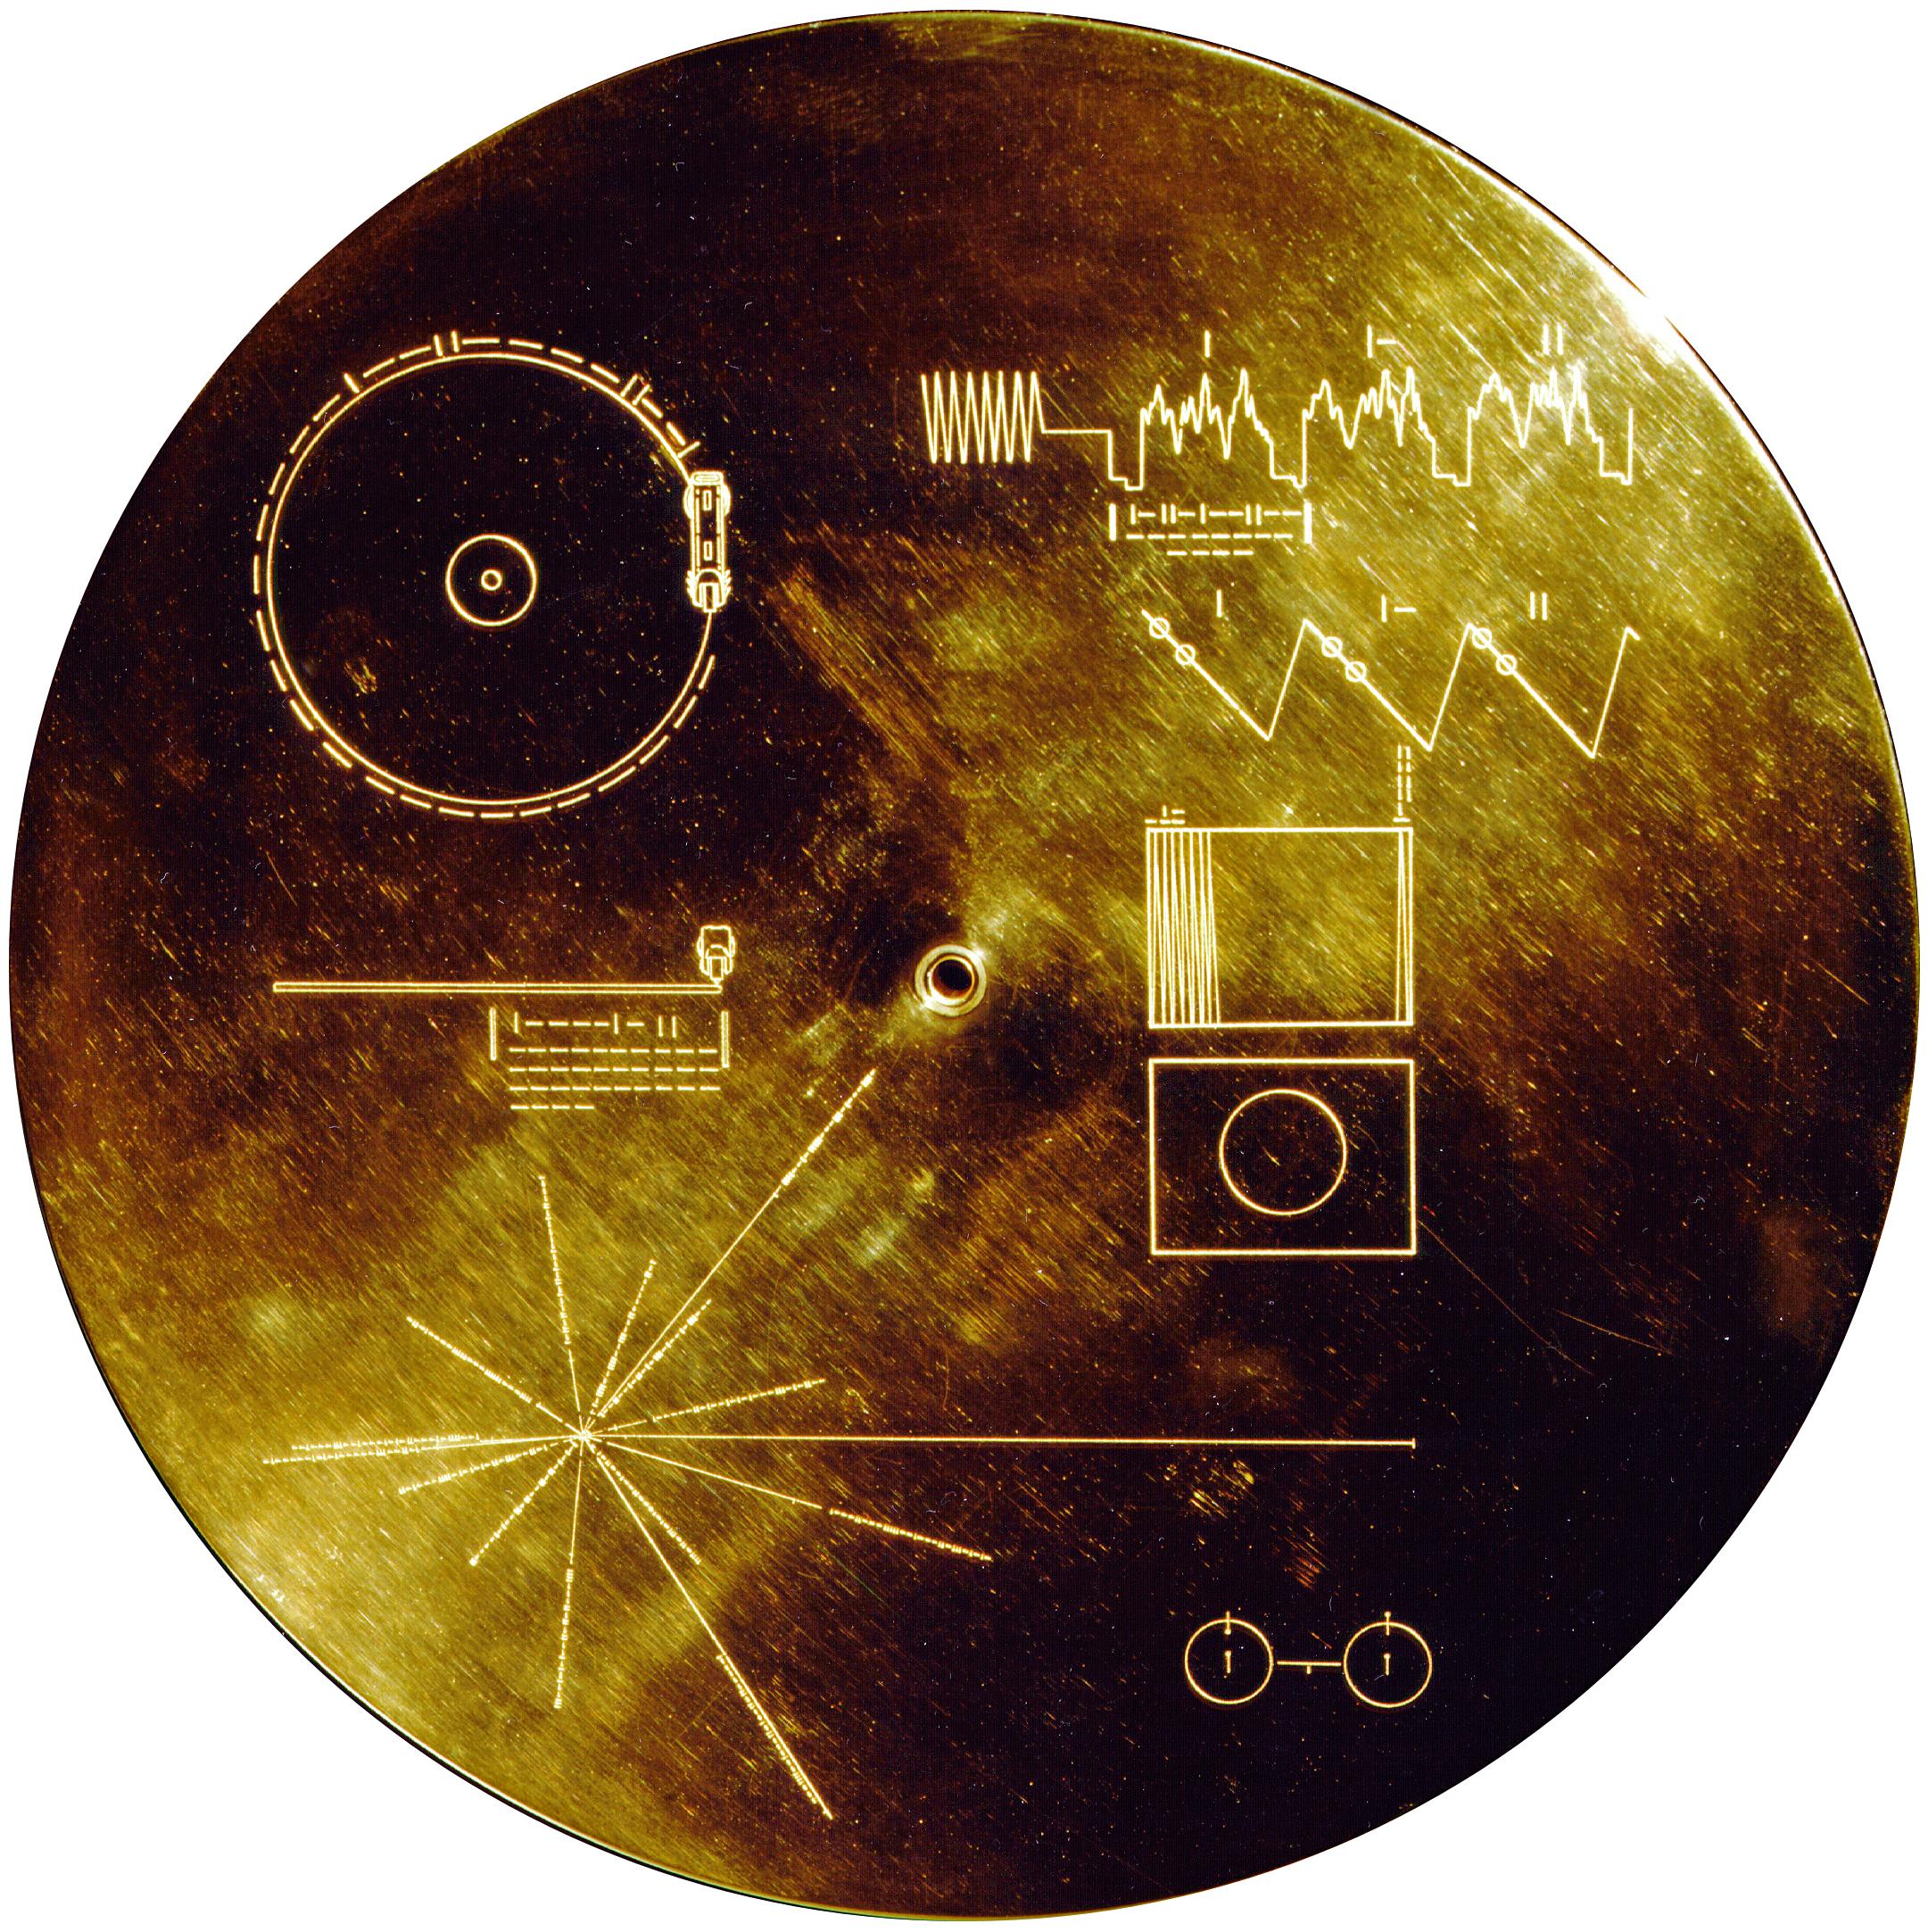 Образец золотой пластинки, прикрепленной к аппарату